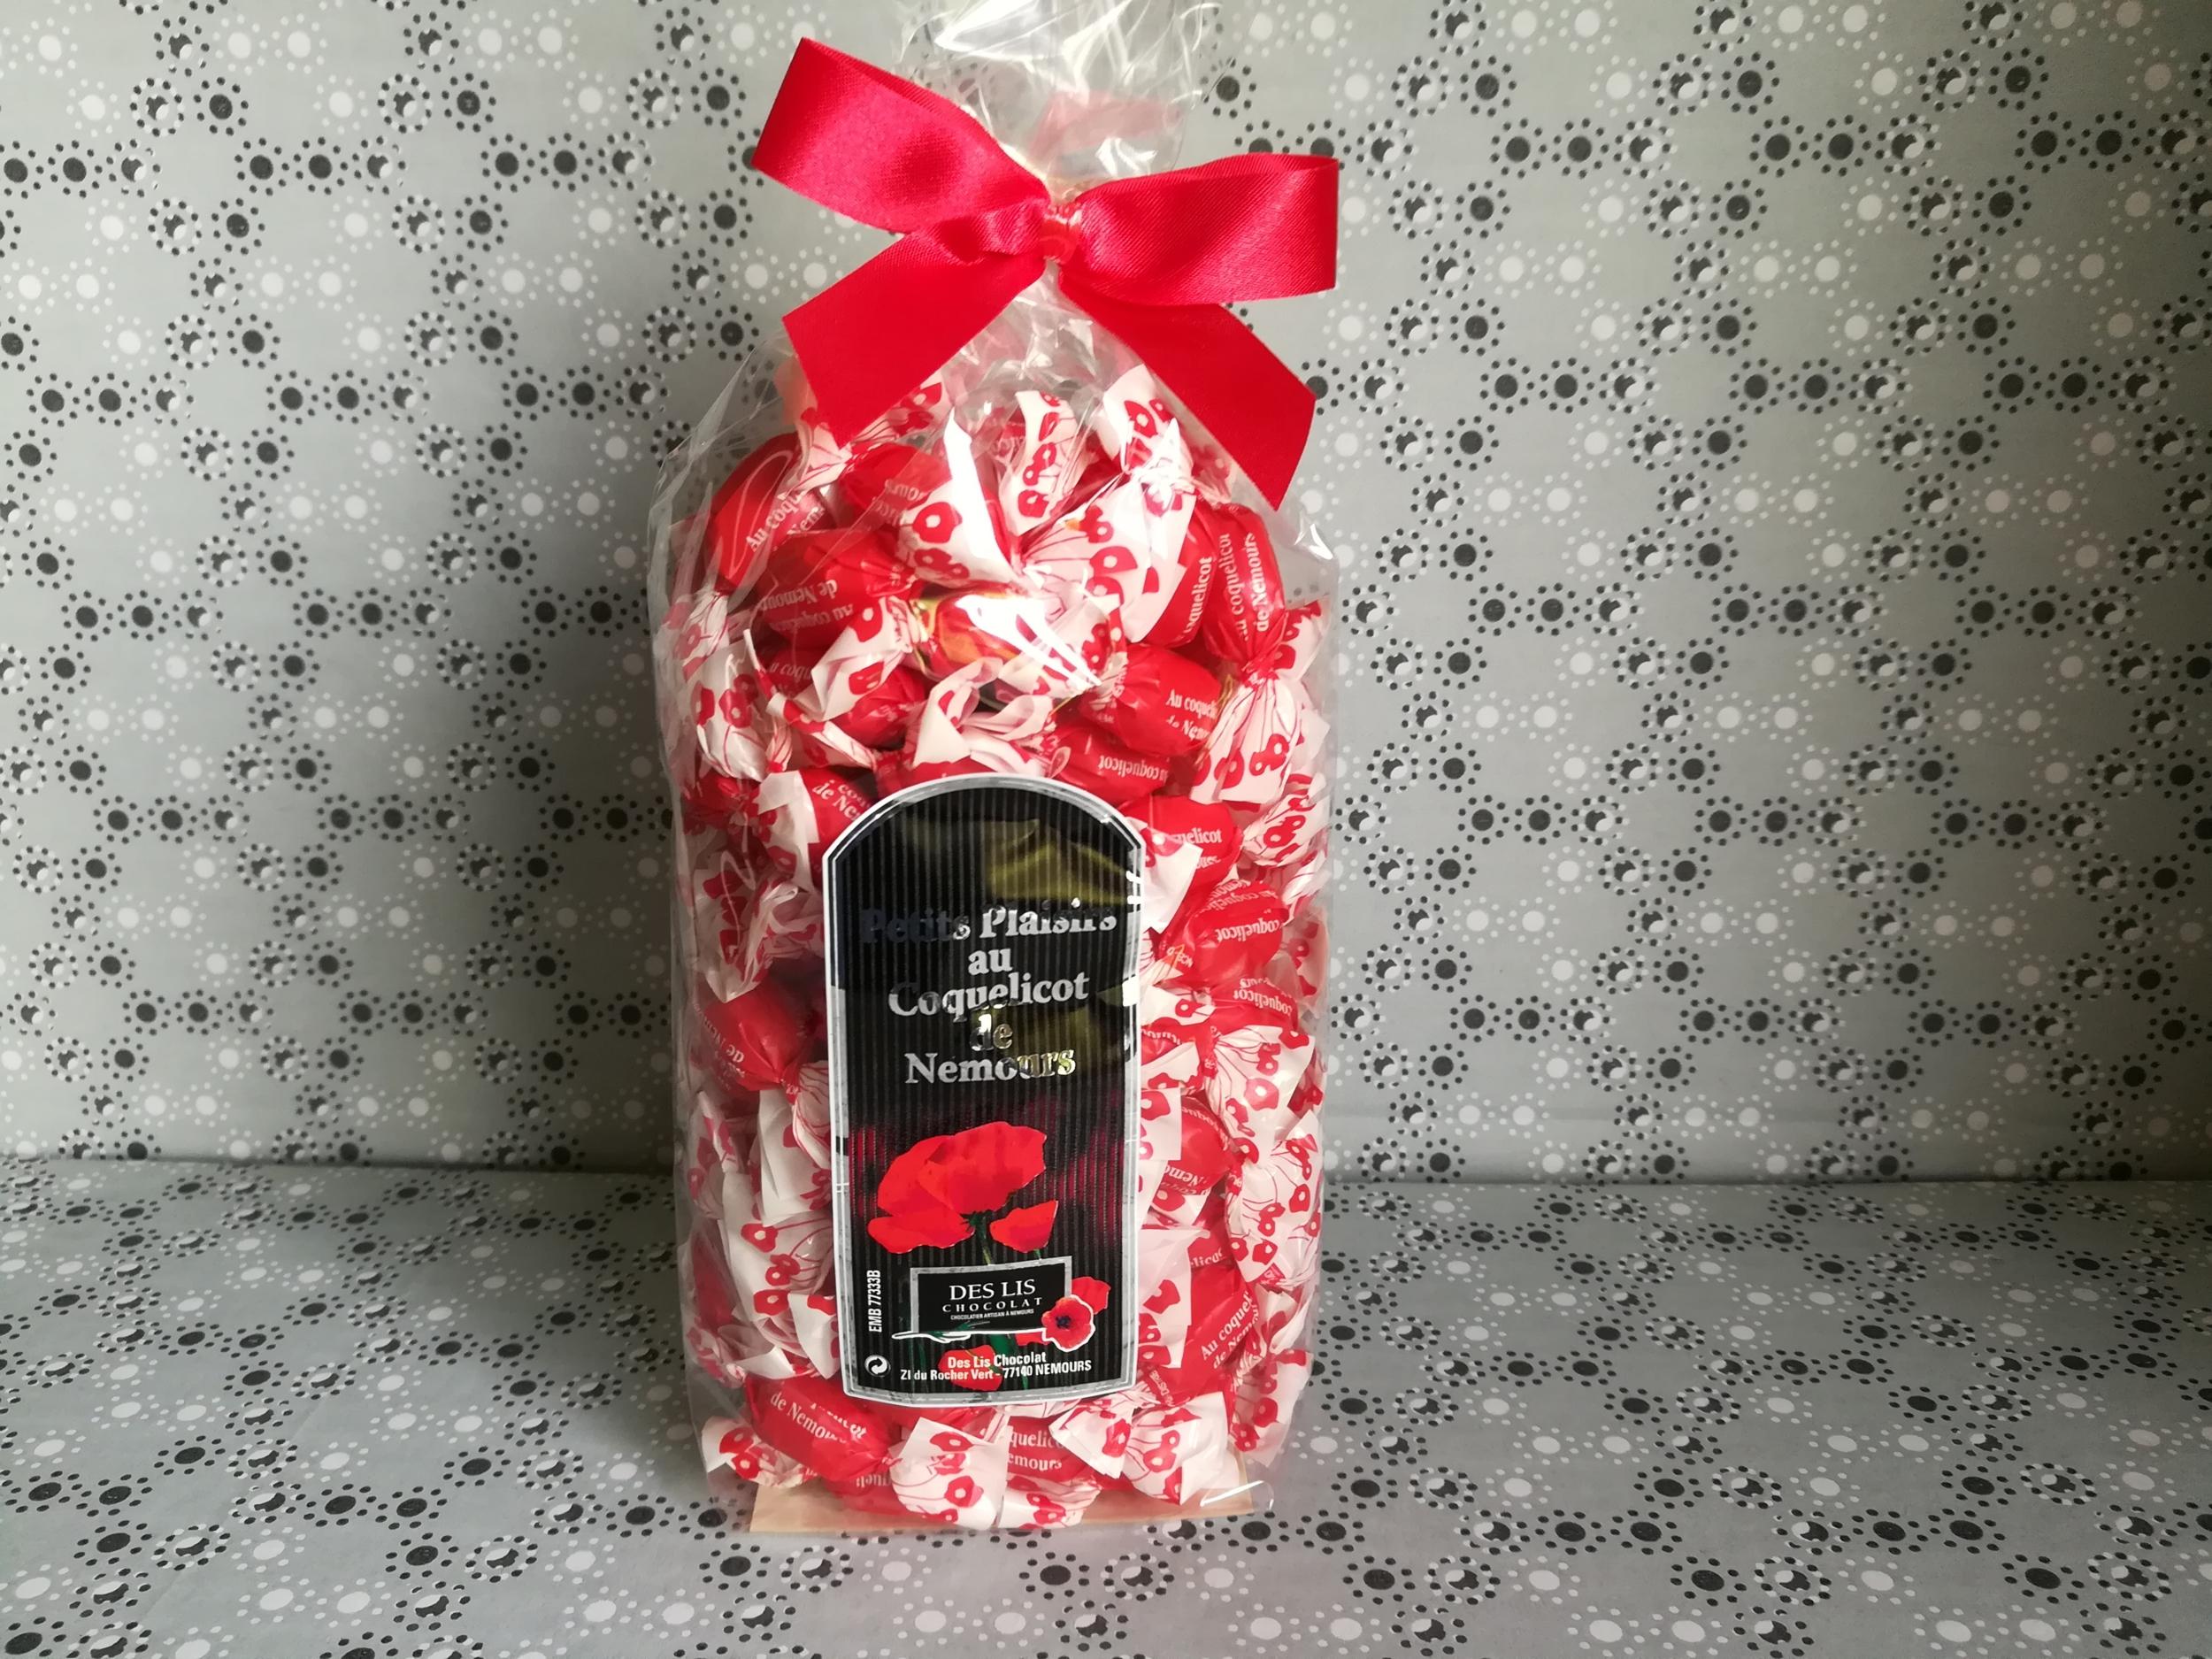 Petits bonbons fourrés au coquelicot de Nemours sachet 250 g